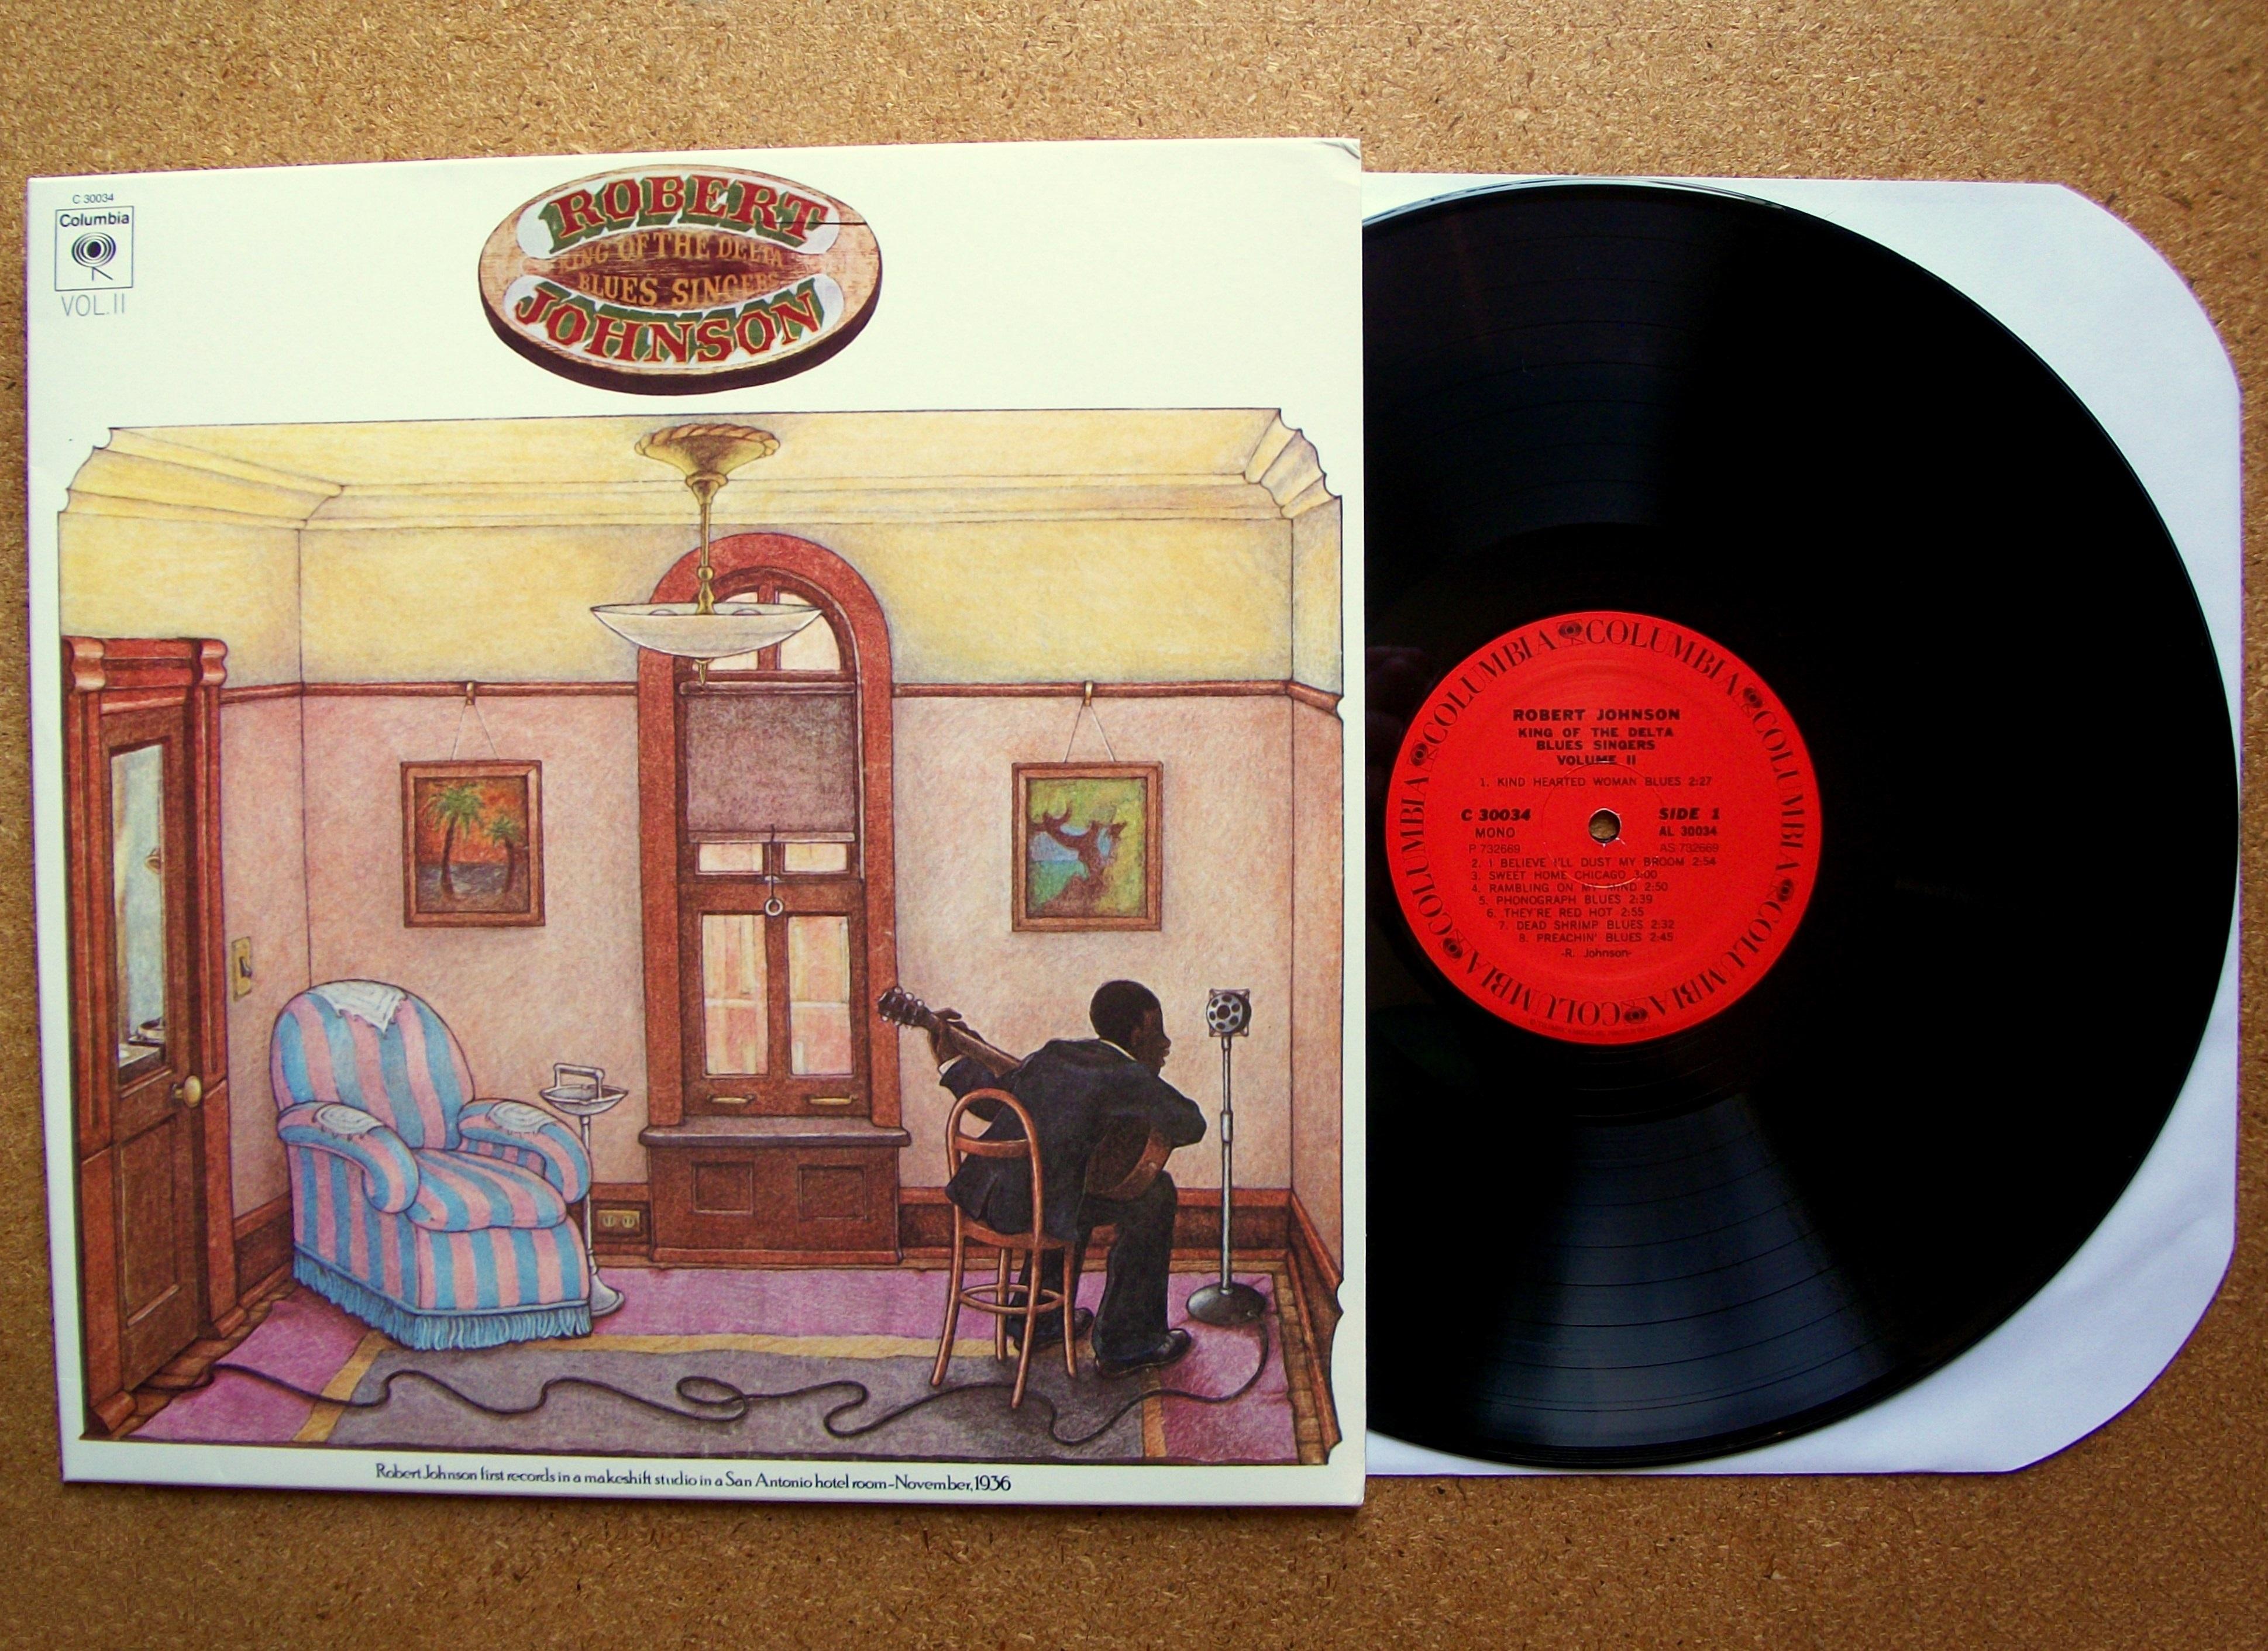 the king of the delta blues singers King of delta blues singersがモダンブルースストアでいつでもお買い得。当日お急ぎ便対象商品は、当日お届け可能です.